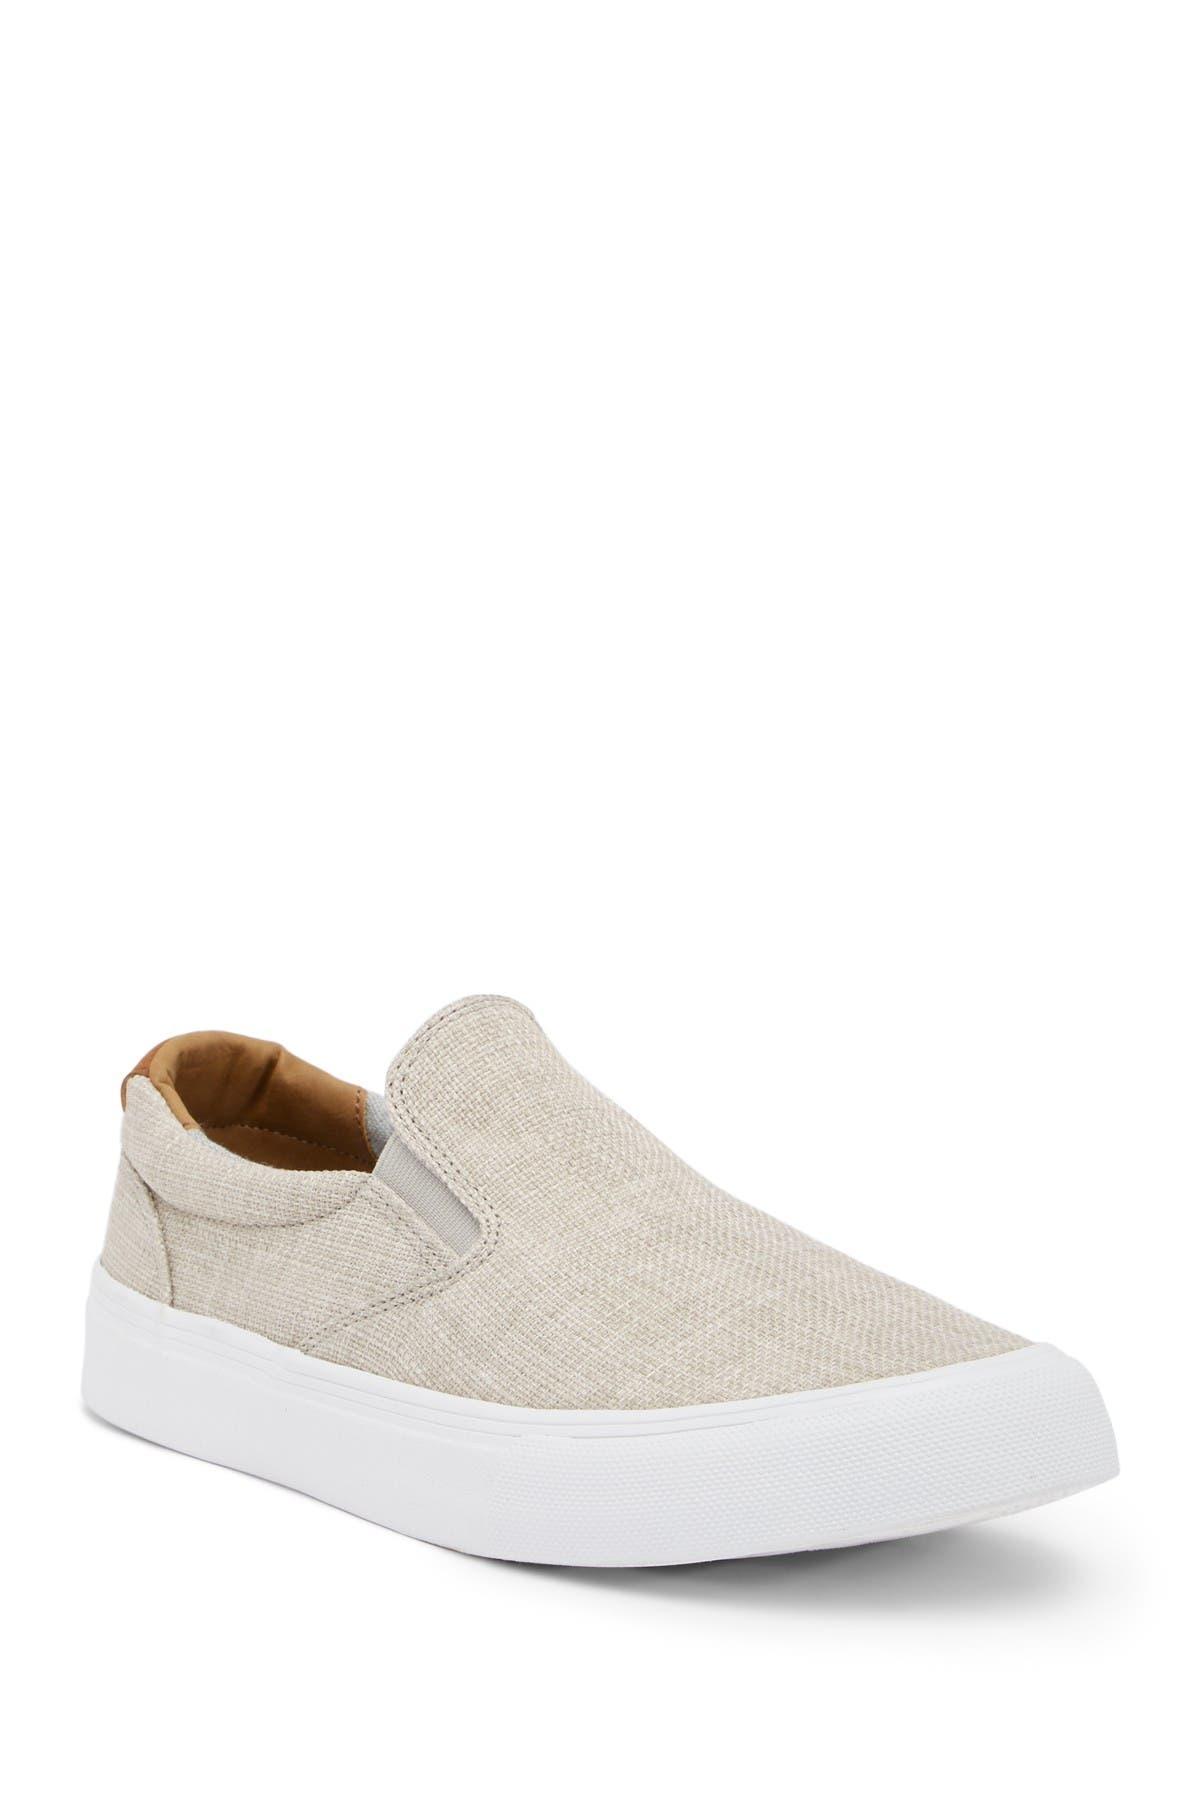 Crevo | Pax Slip-On Sneaker | Nordstrom